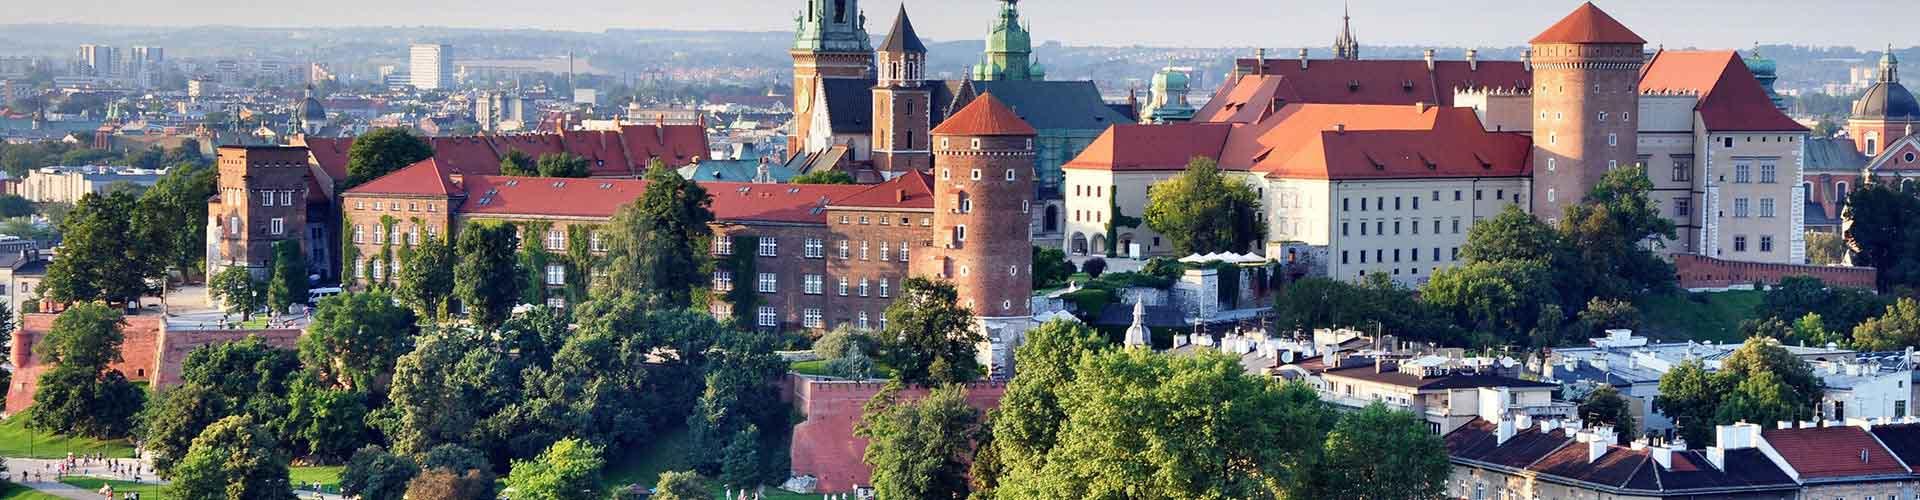 Krakov - hotely v Krakov. Mapy pro Krakov, fotky a recenze pro každý hotel - Krakov.